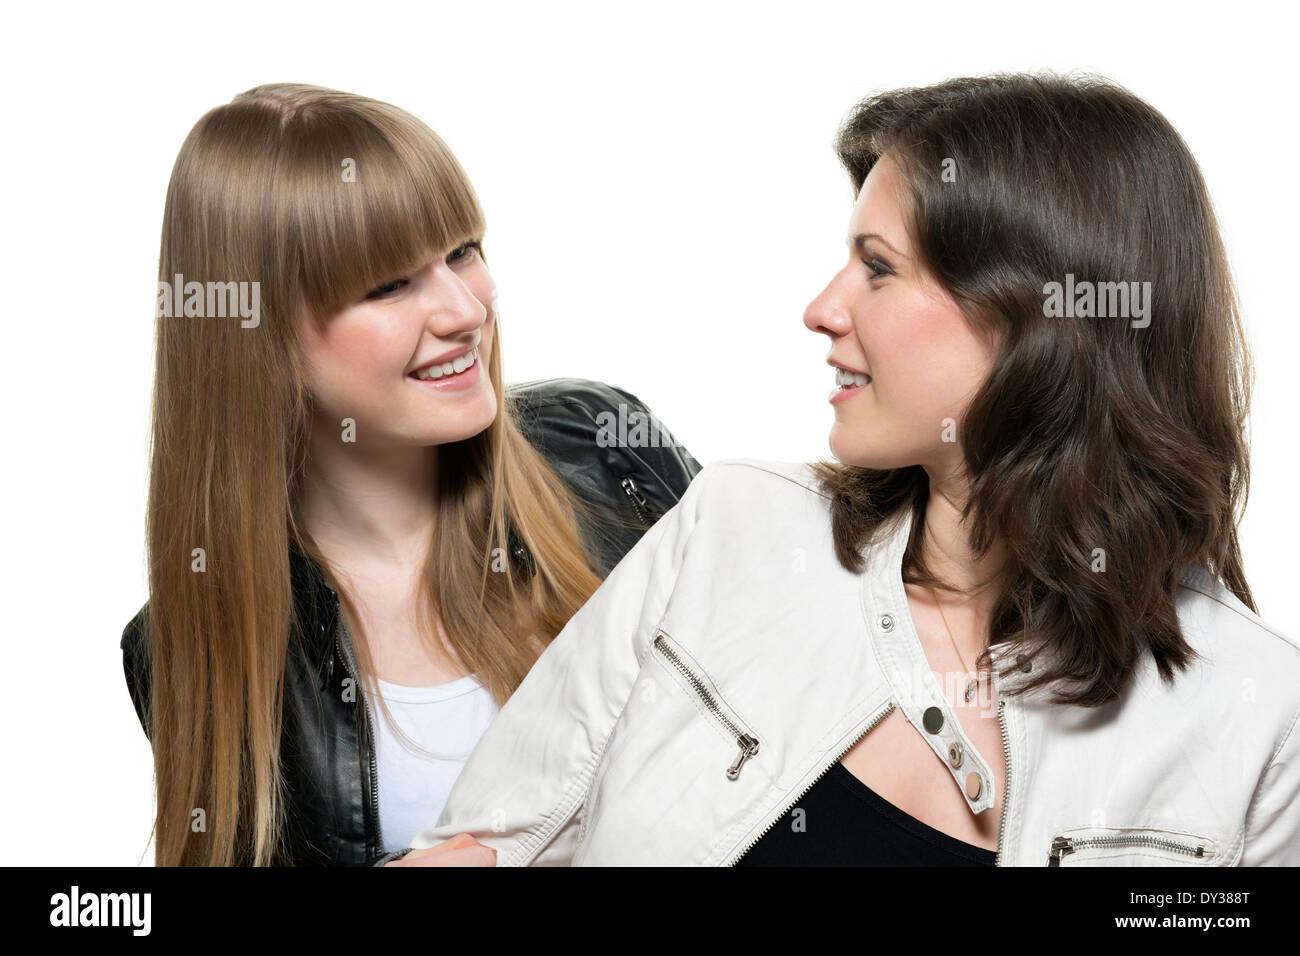 a5ff8ca7c8 Zwei Frauen Blonde und Brünette mit schwarzem und weißem Lederjacke schauen  einander